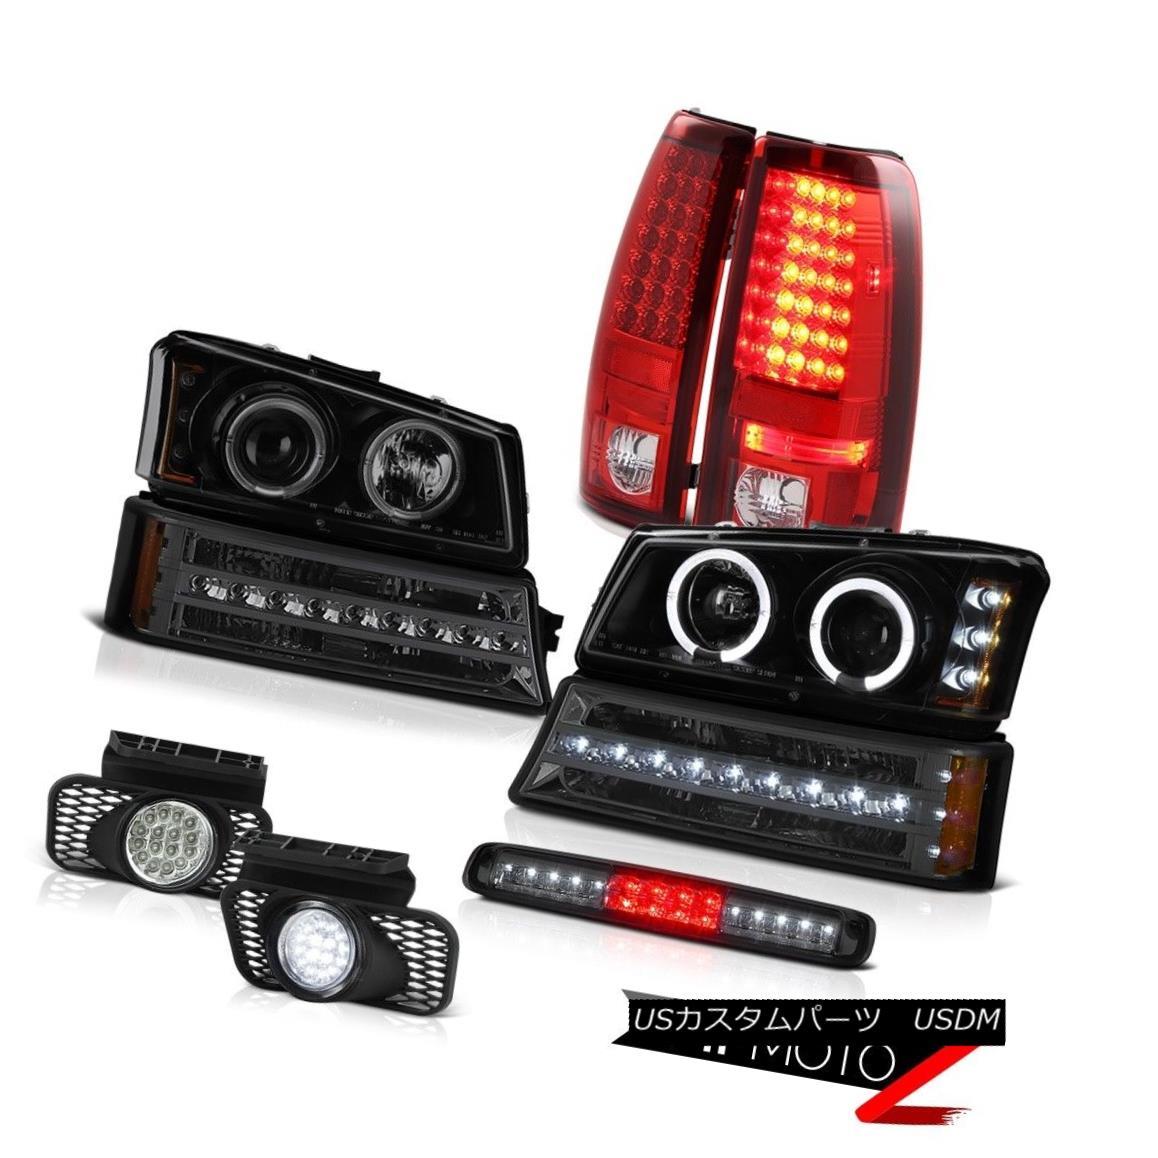 テールライト 03-06 Silverado Smokey Roof Brake Light Foglights Parking Lamp Headlamps Lights 03-06シルバラドスモーキールーフブレーキライトフォグライトパーキングランプヘッドランプライト